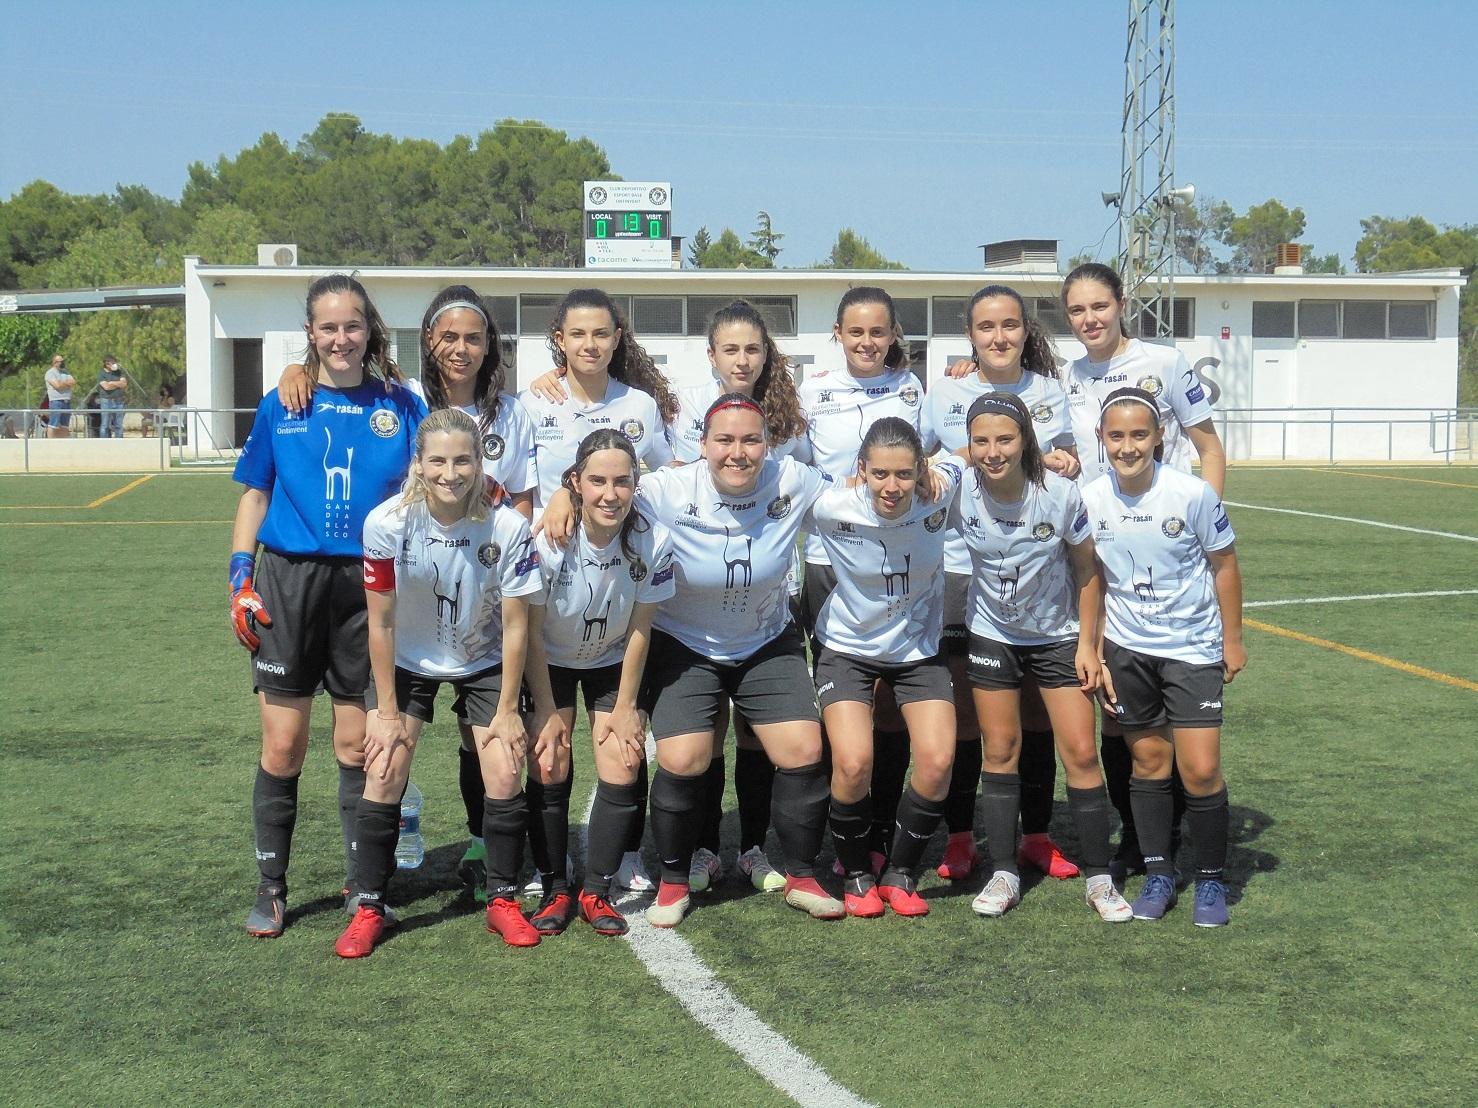 Amateur Femení 3 - 0  Camporrobles